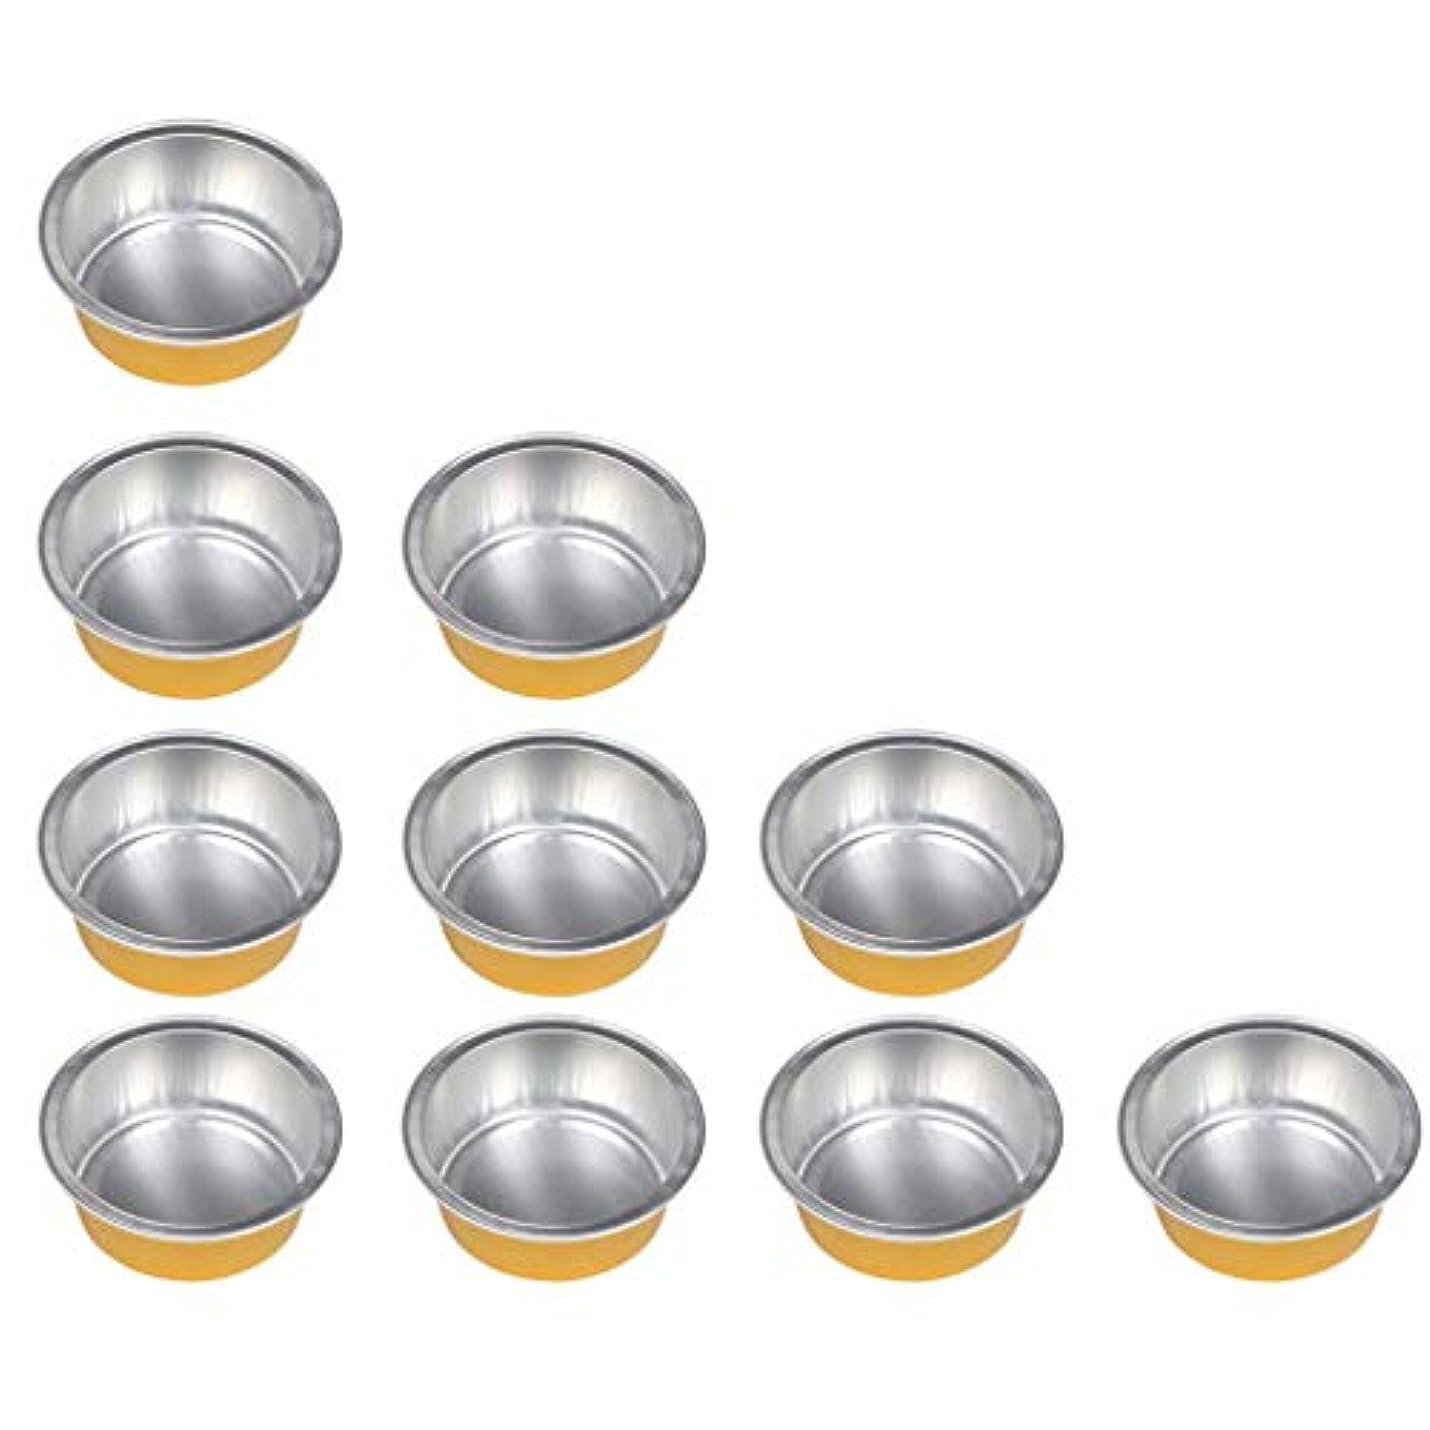 レコーダー書き込み翻訳する10個 ワックスボウル ミニボウル アルミホイルボウル ワックス豆体 溶融 衛生的 2種選ぶ - ゴールデン1, 01